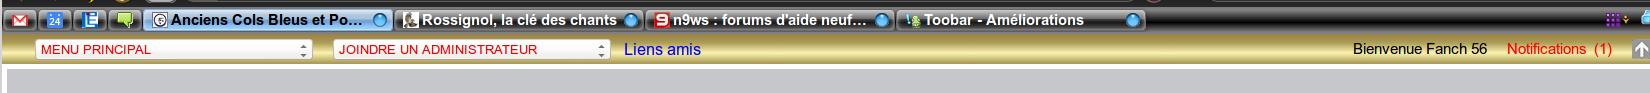 Curiosité : qu'avez-vous fais de votre toolbar ? Captur45